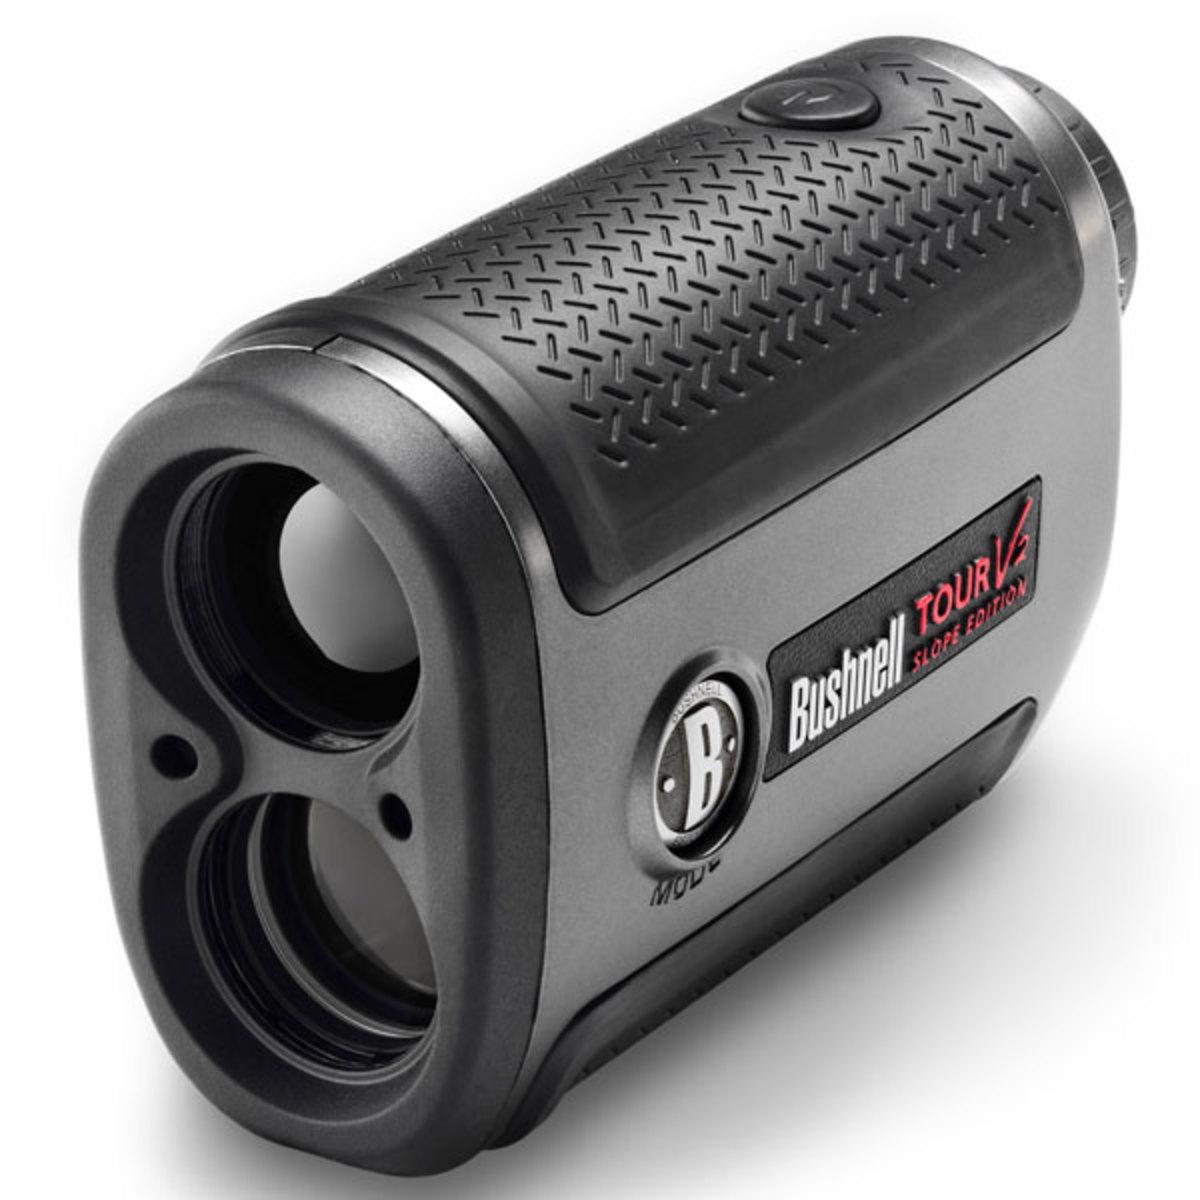 Bushnell V2 Laser Rangefinder with Slope